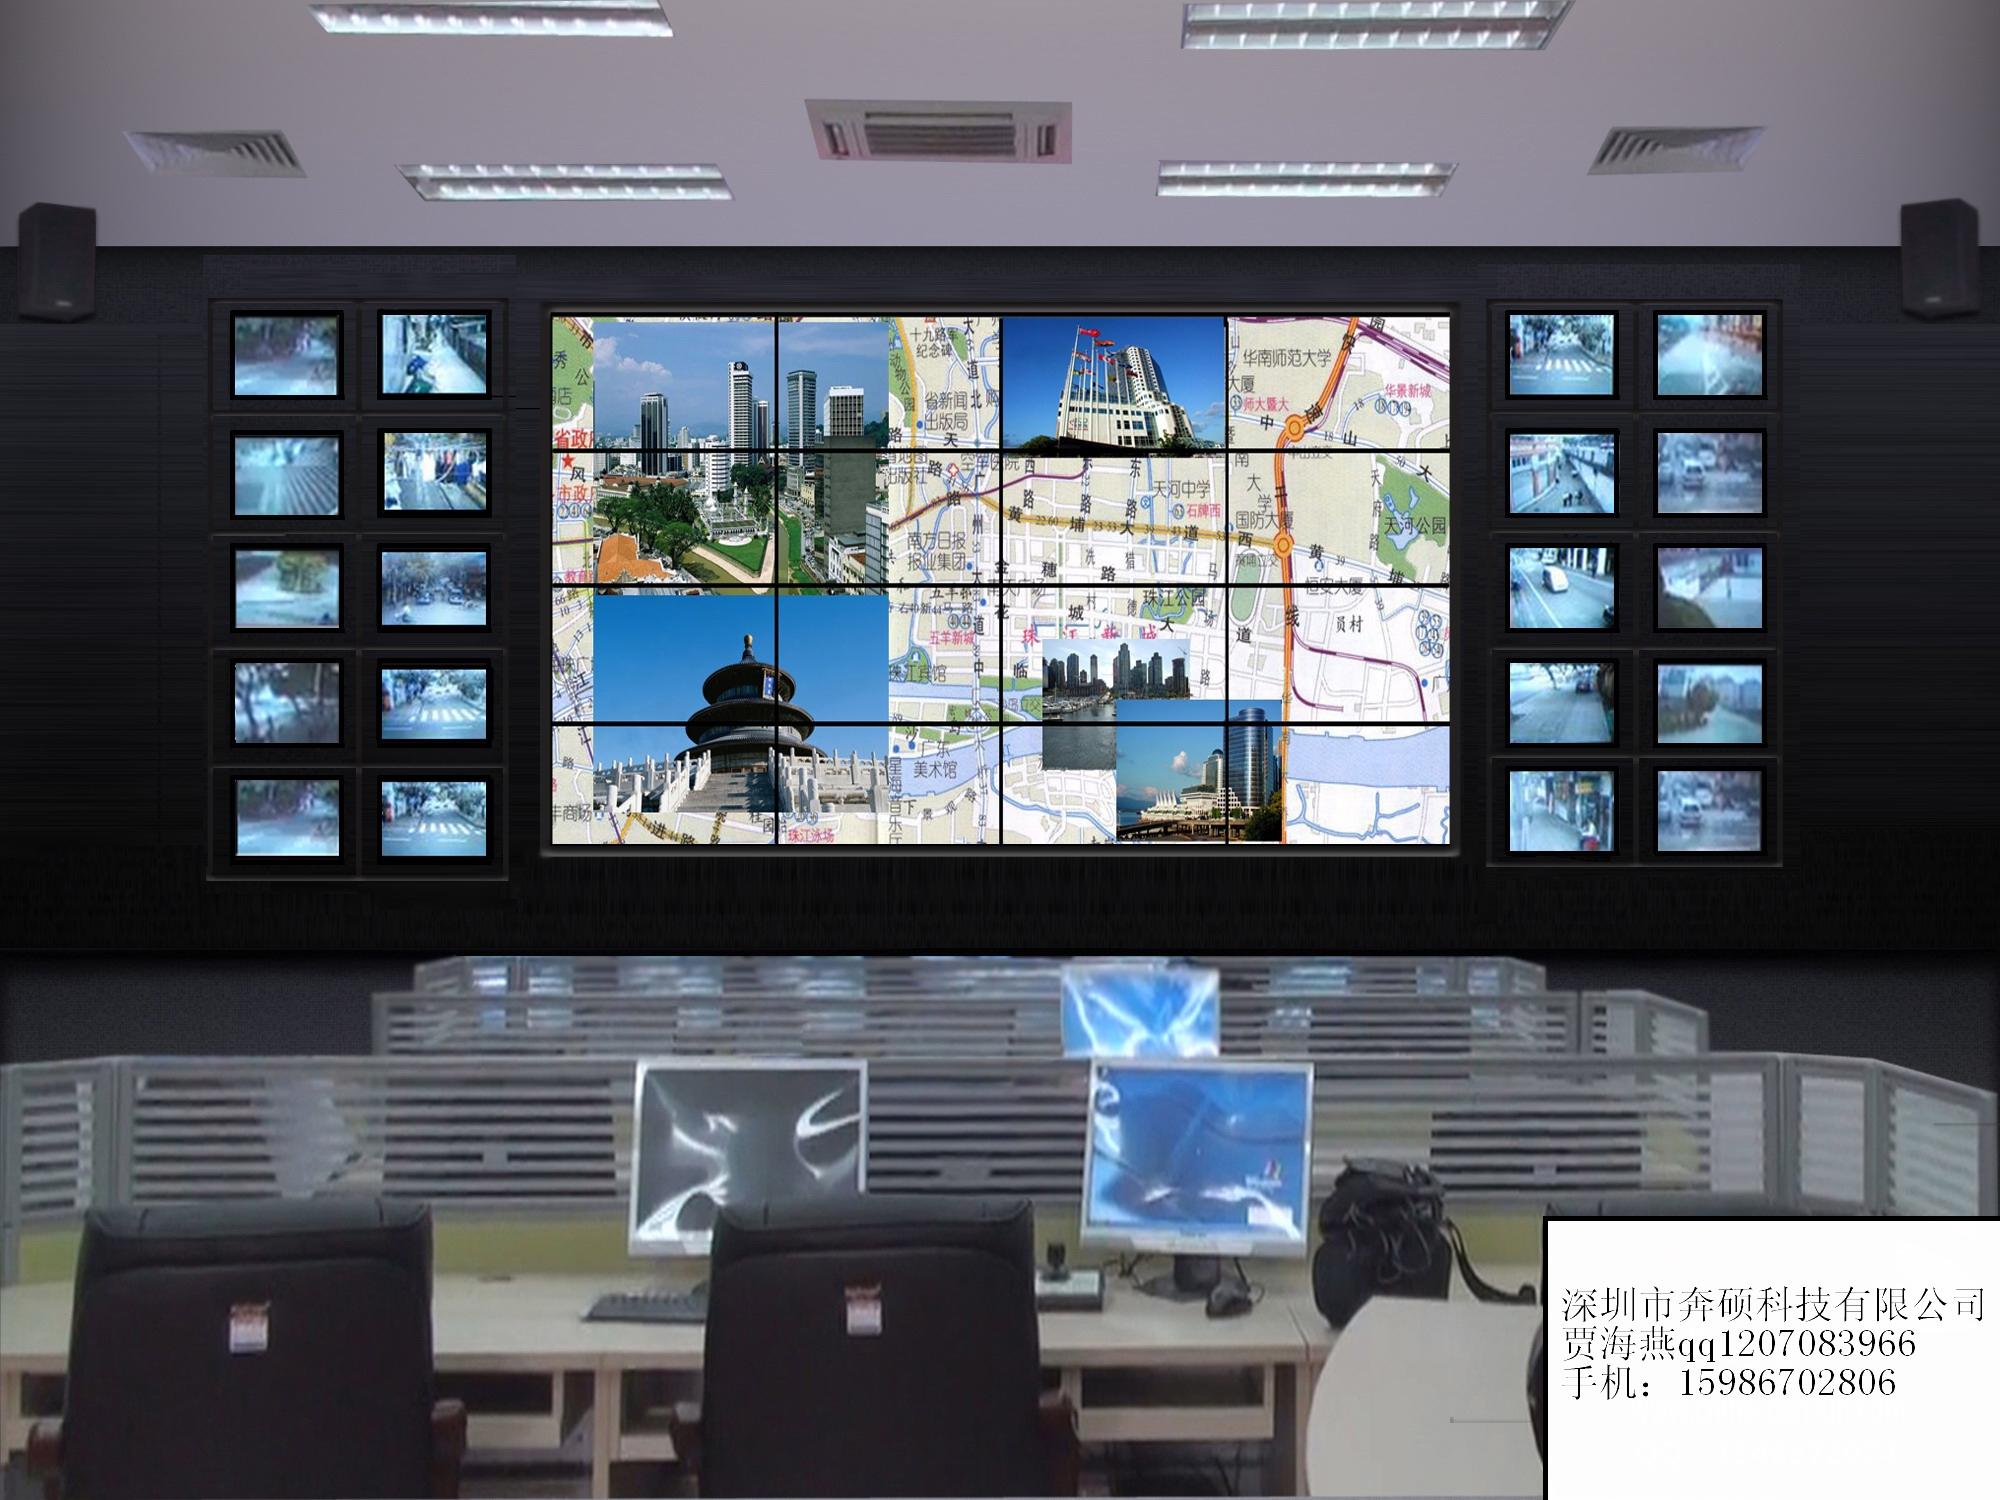 大屏幕拼接电视墙_【供应】DID液晶大屏幕拼接电视墙商机平台